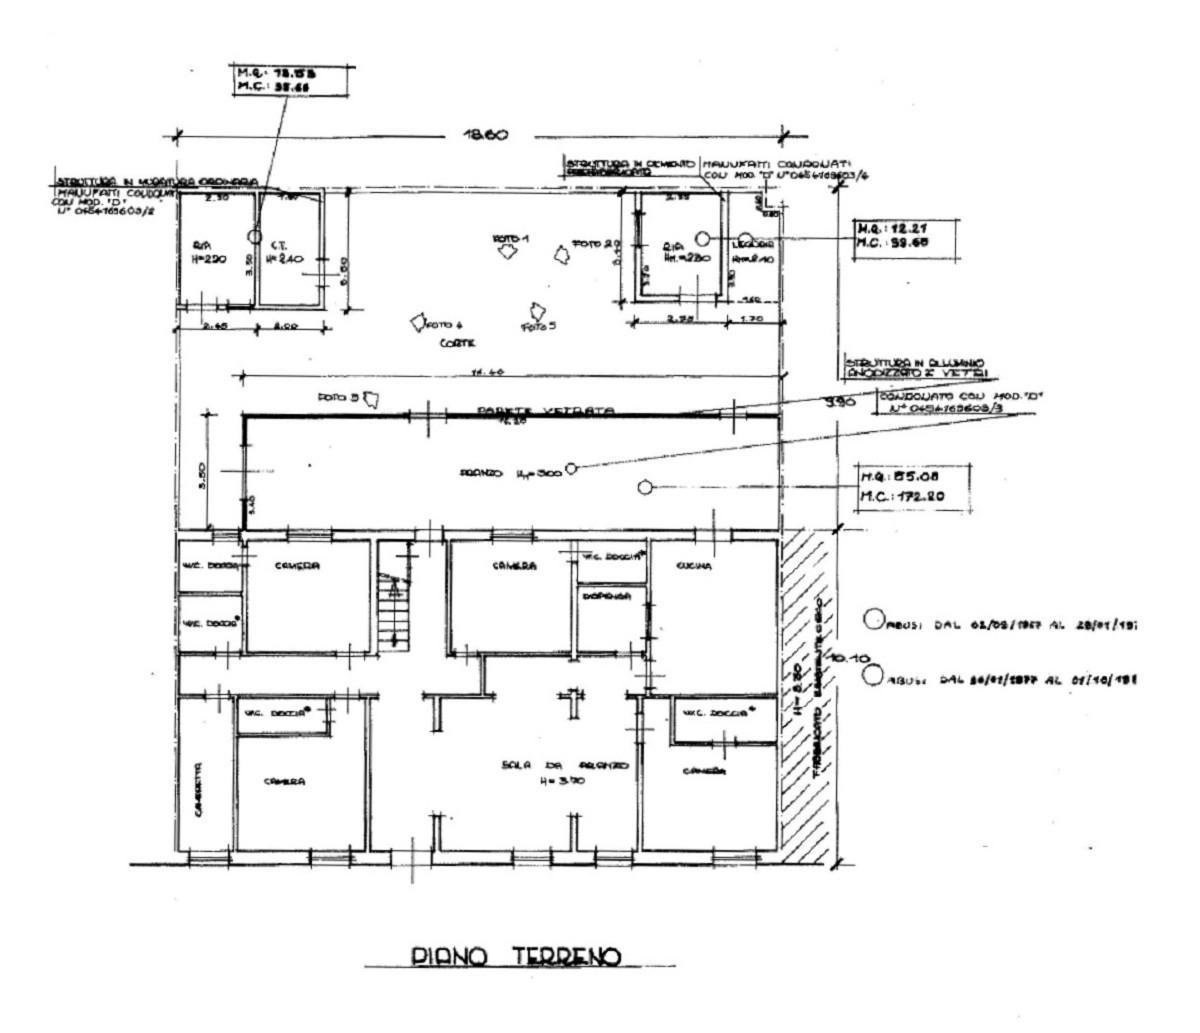 Stabile/Palazzo in vendita a Viareggio (LU)